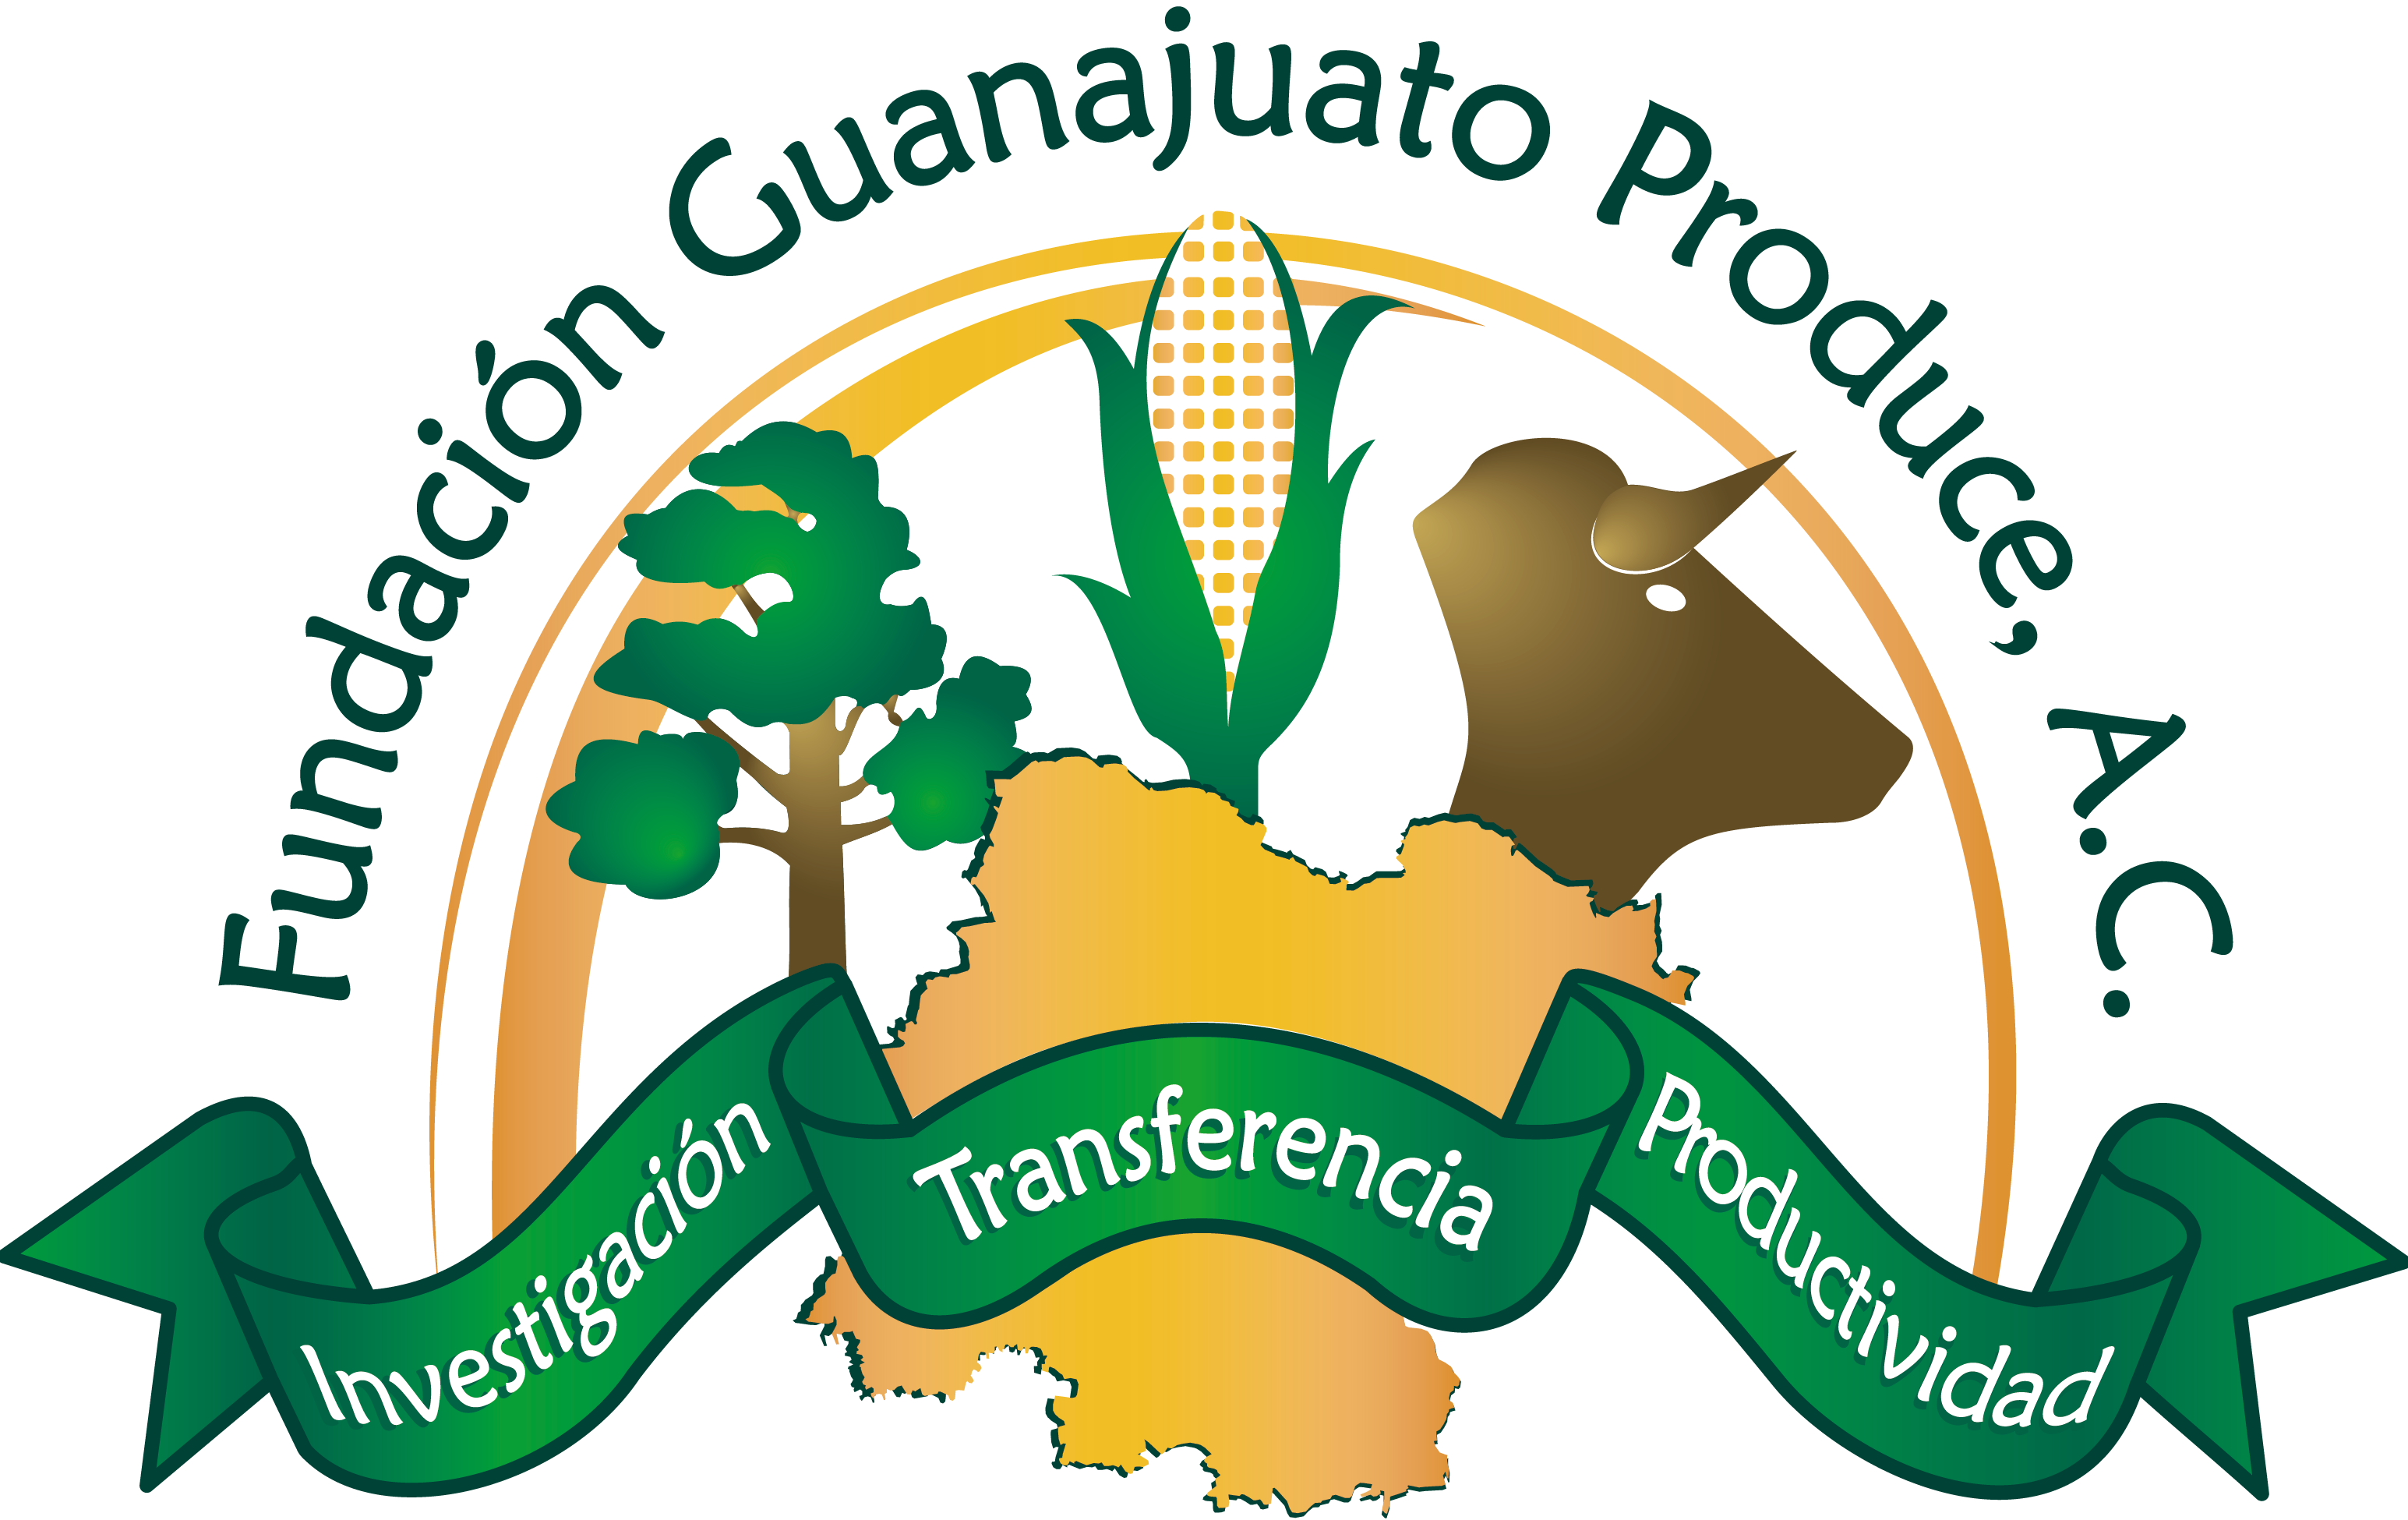 Fundación Guanajuato Produce A. C.